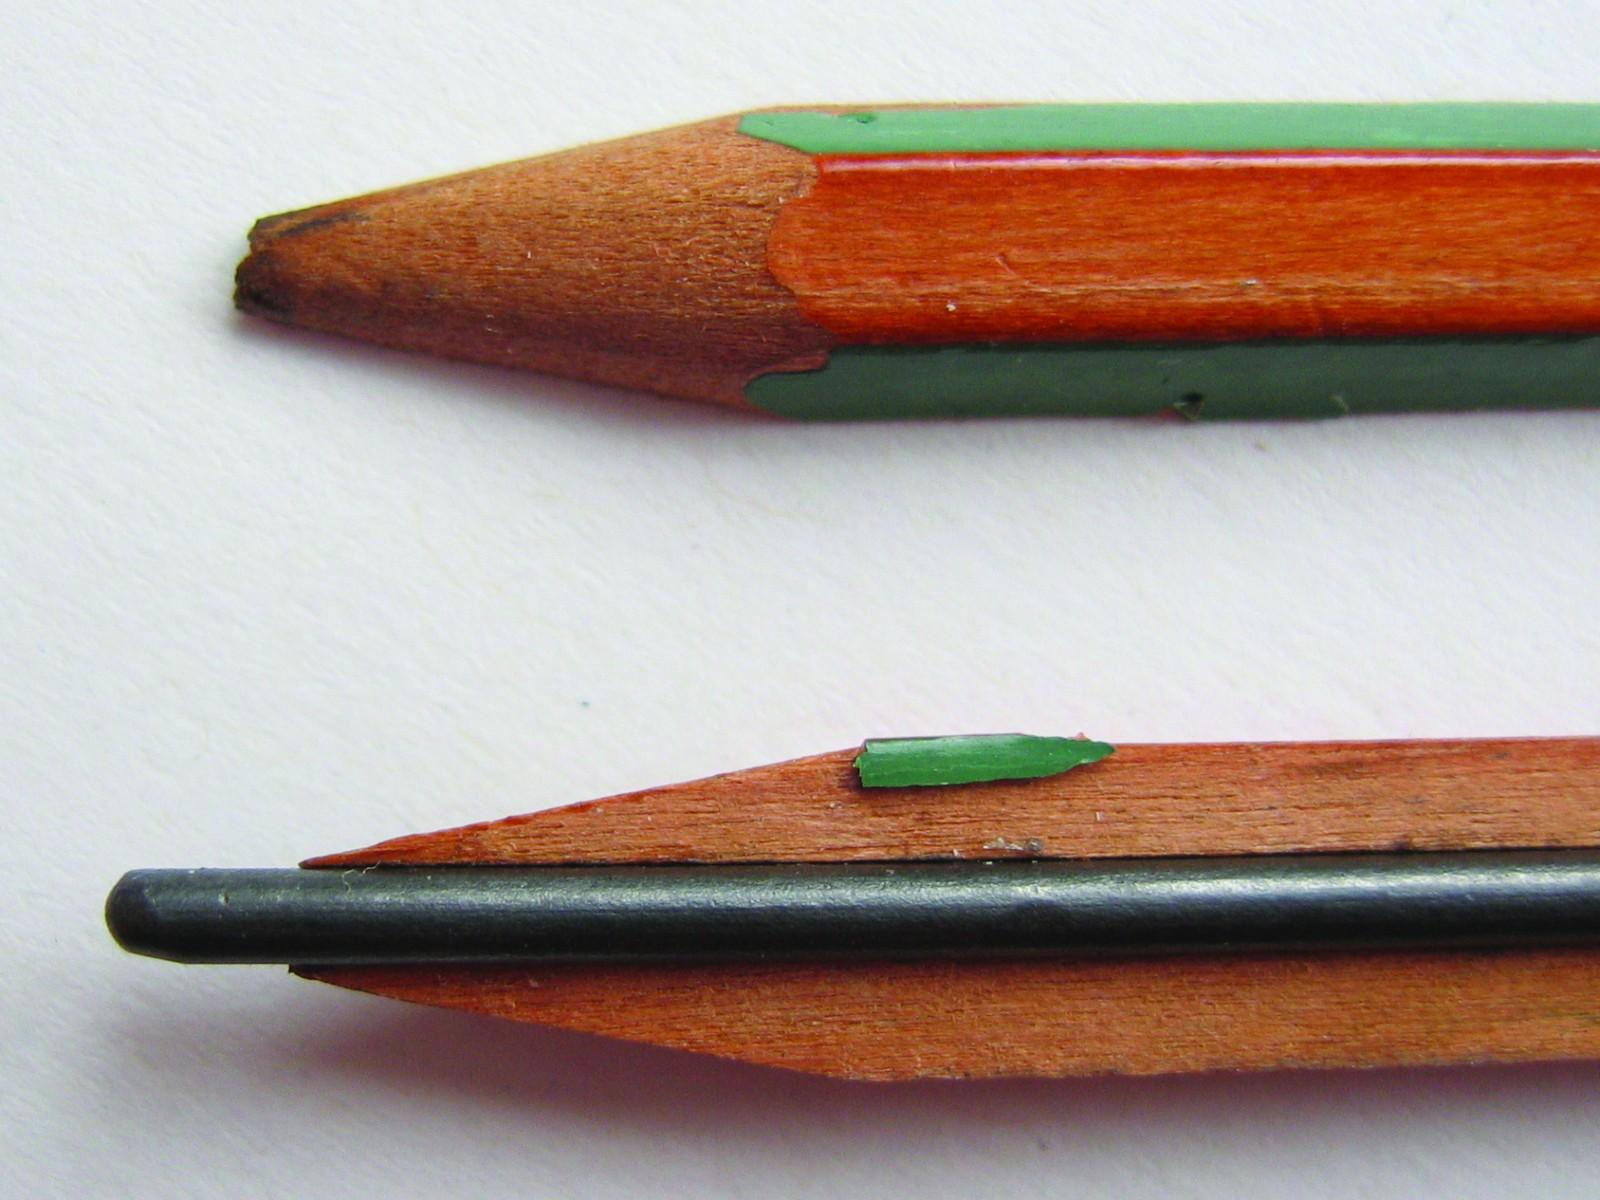 Je mehr Grafit, desto weicher ist die Bleistiftmine und desto dunkler die Linie. Abbildung: Wikimedia commons/Captain Crunch